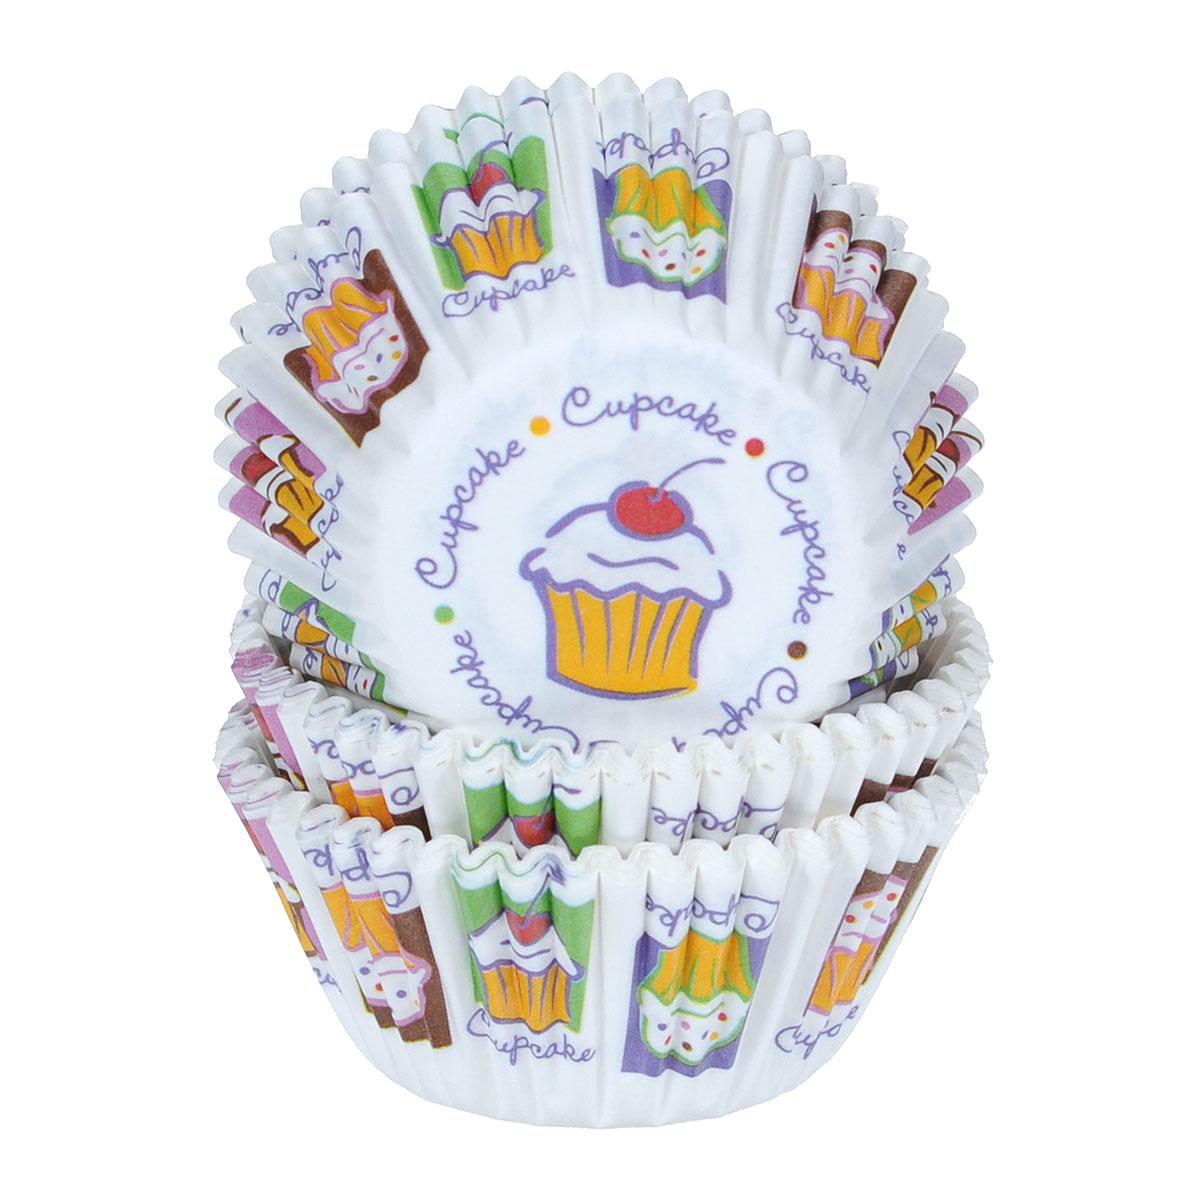 Набор бумажных мини-форм для кексов Wilton Кекс, диаметр 3,2 см, 100 штWLT-415-426Бумажные мини-формы Wilton Кекс используются для выпечки, украшения и упаковки кондитерских изделий, сервировки конфет, орешков, десертов. Края форм гофрированные. С такими формами вы всегда сможете порадовать своих близких оригинальной выпечкой.